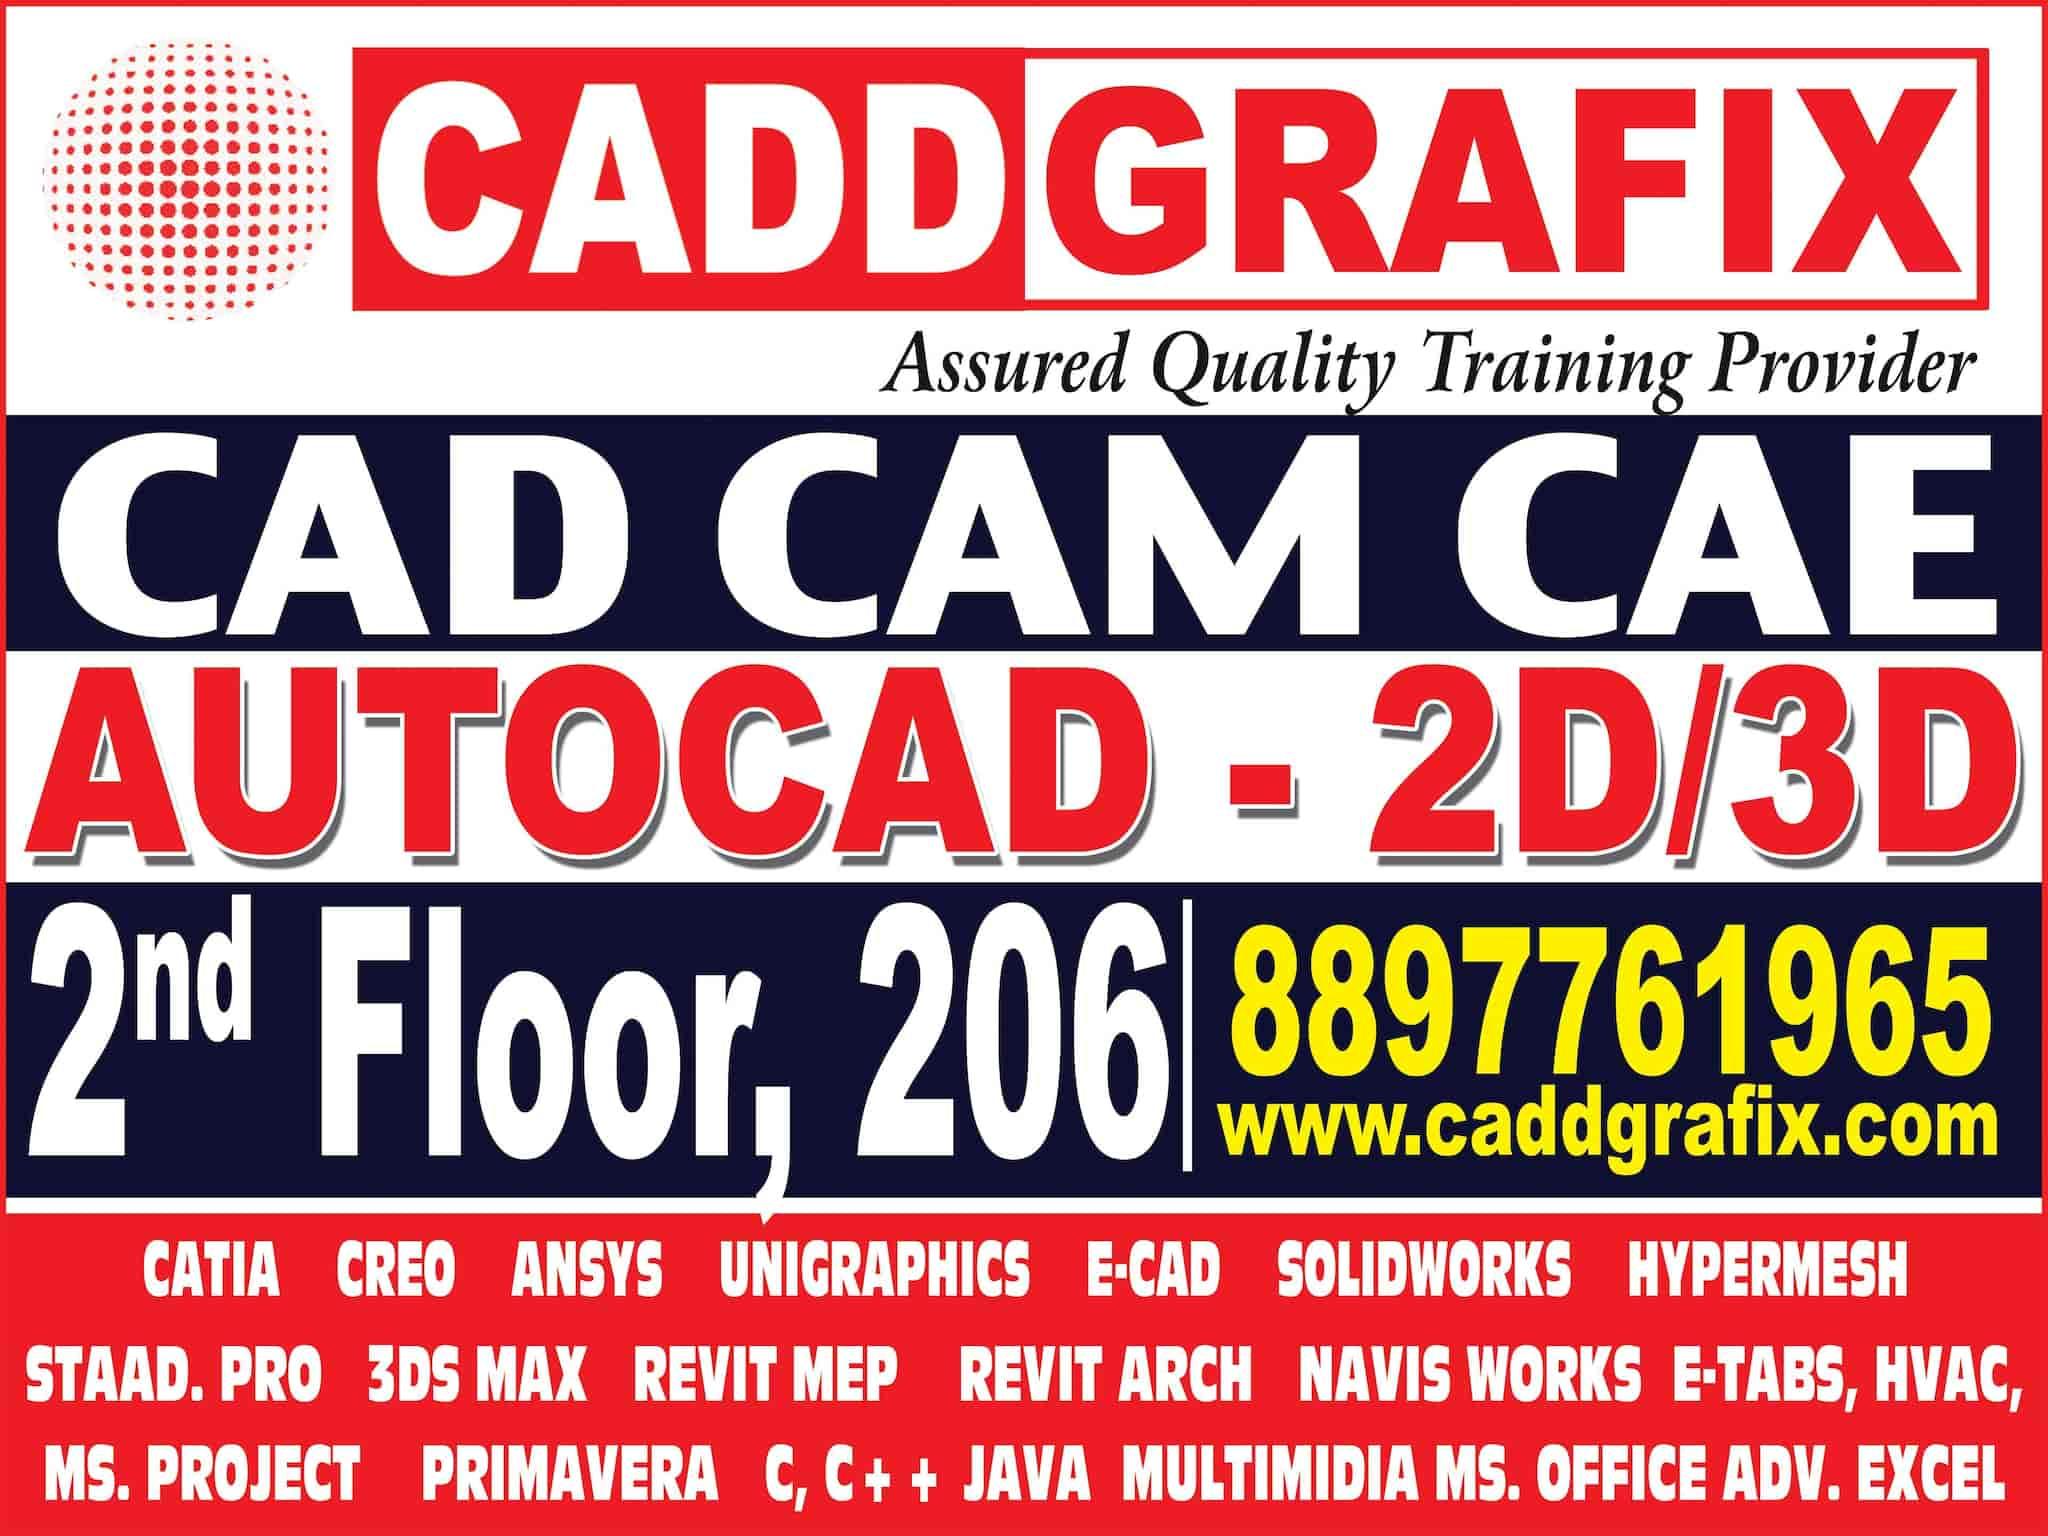 Cadd Grafix, Chanda Nagar - AUTOCAD Training Institutes in